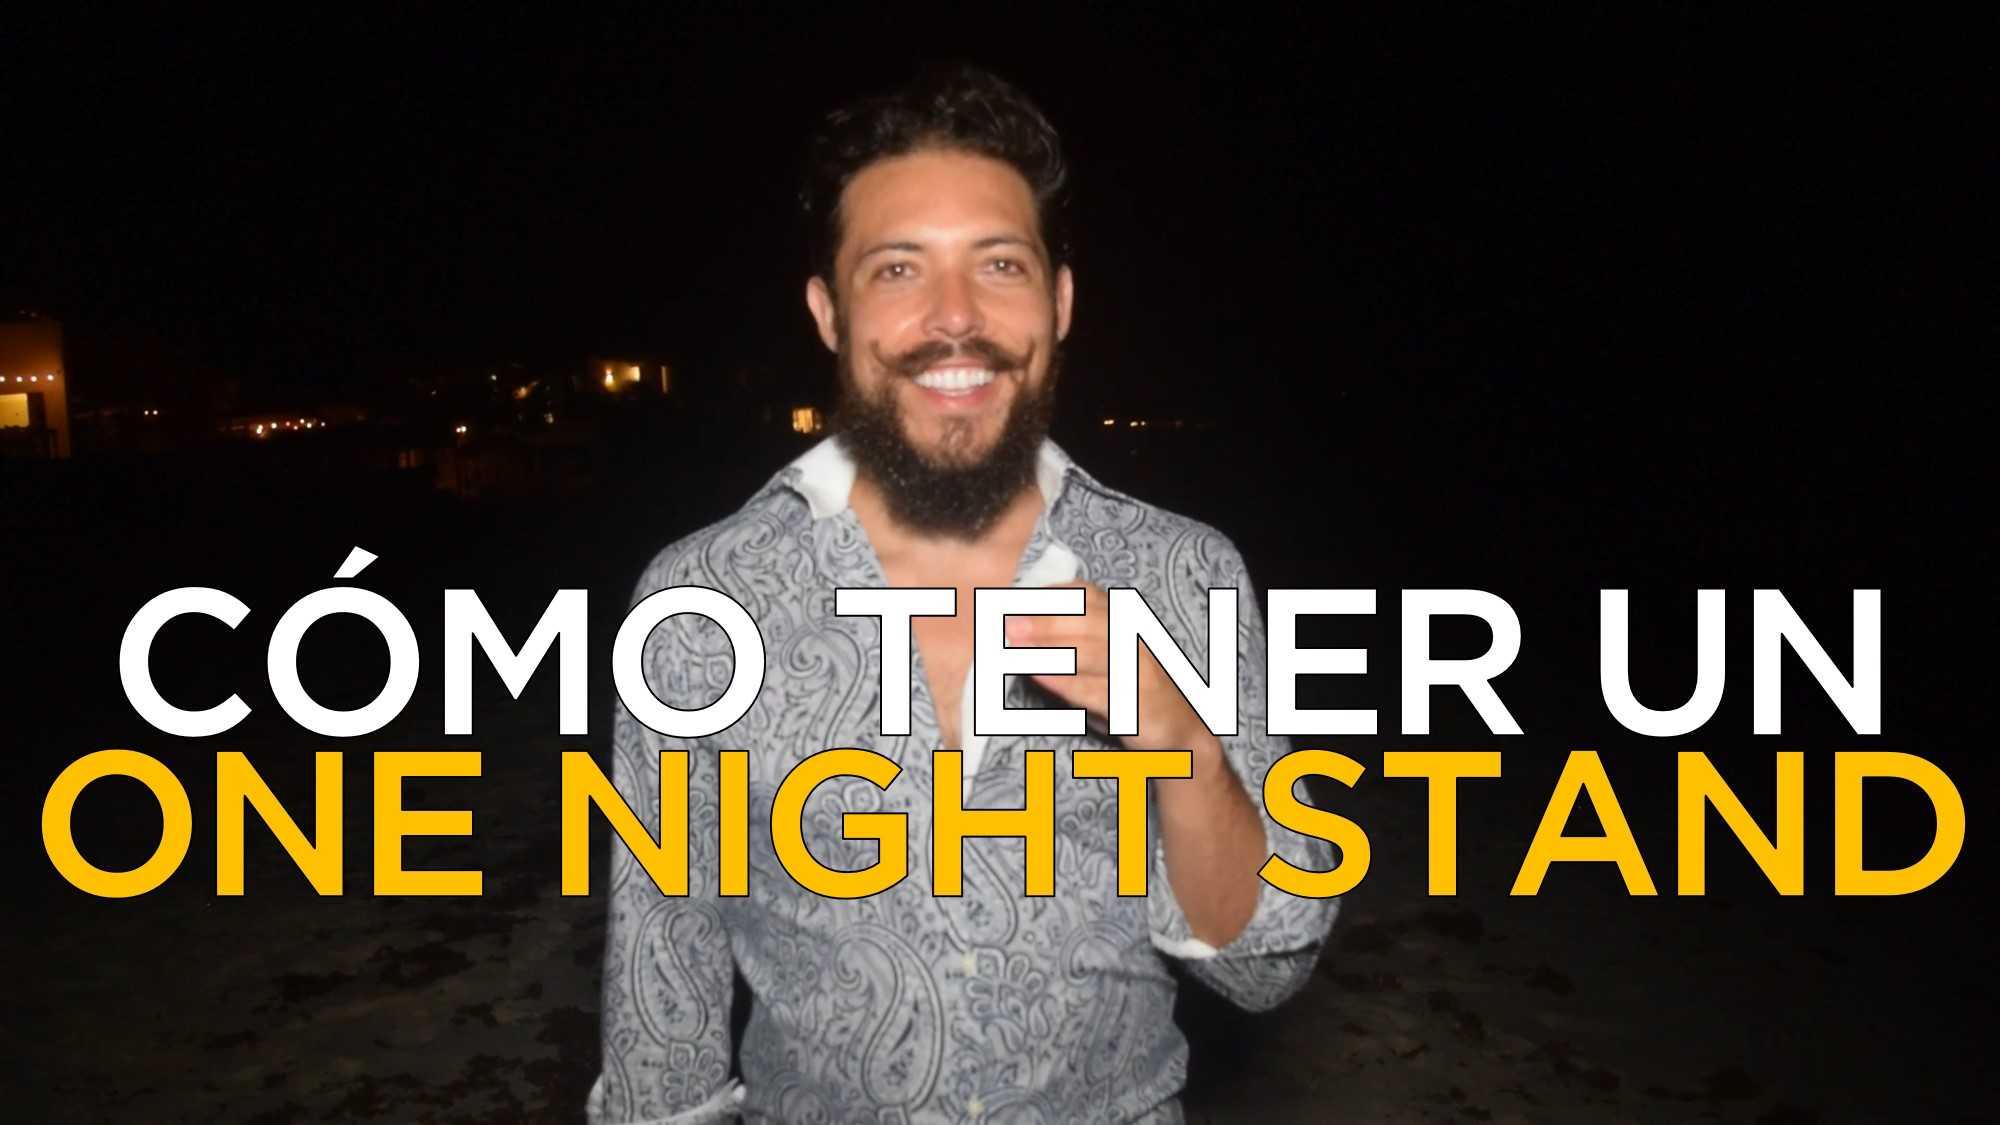 One night stand login